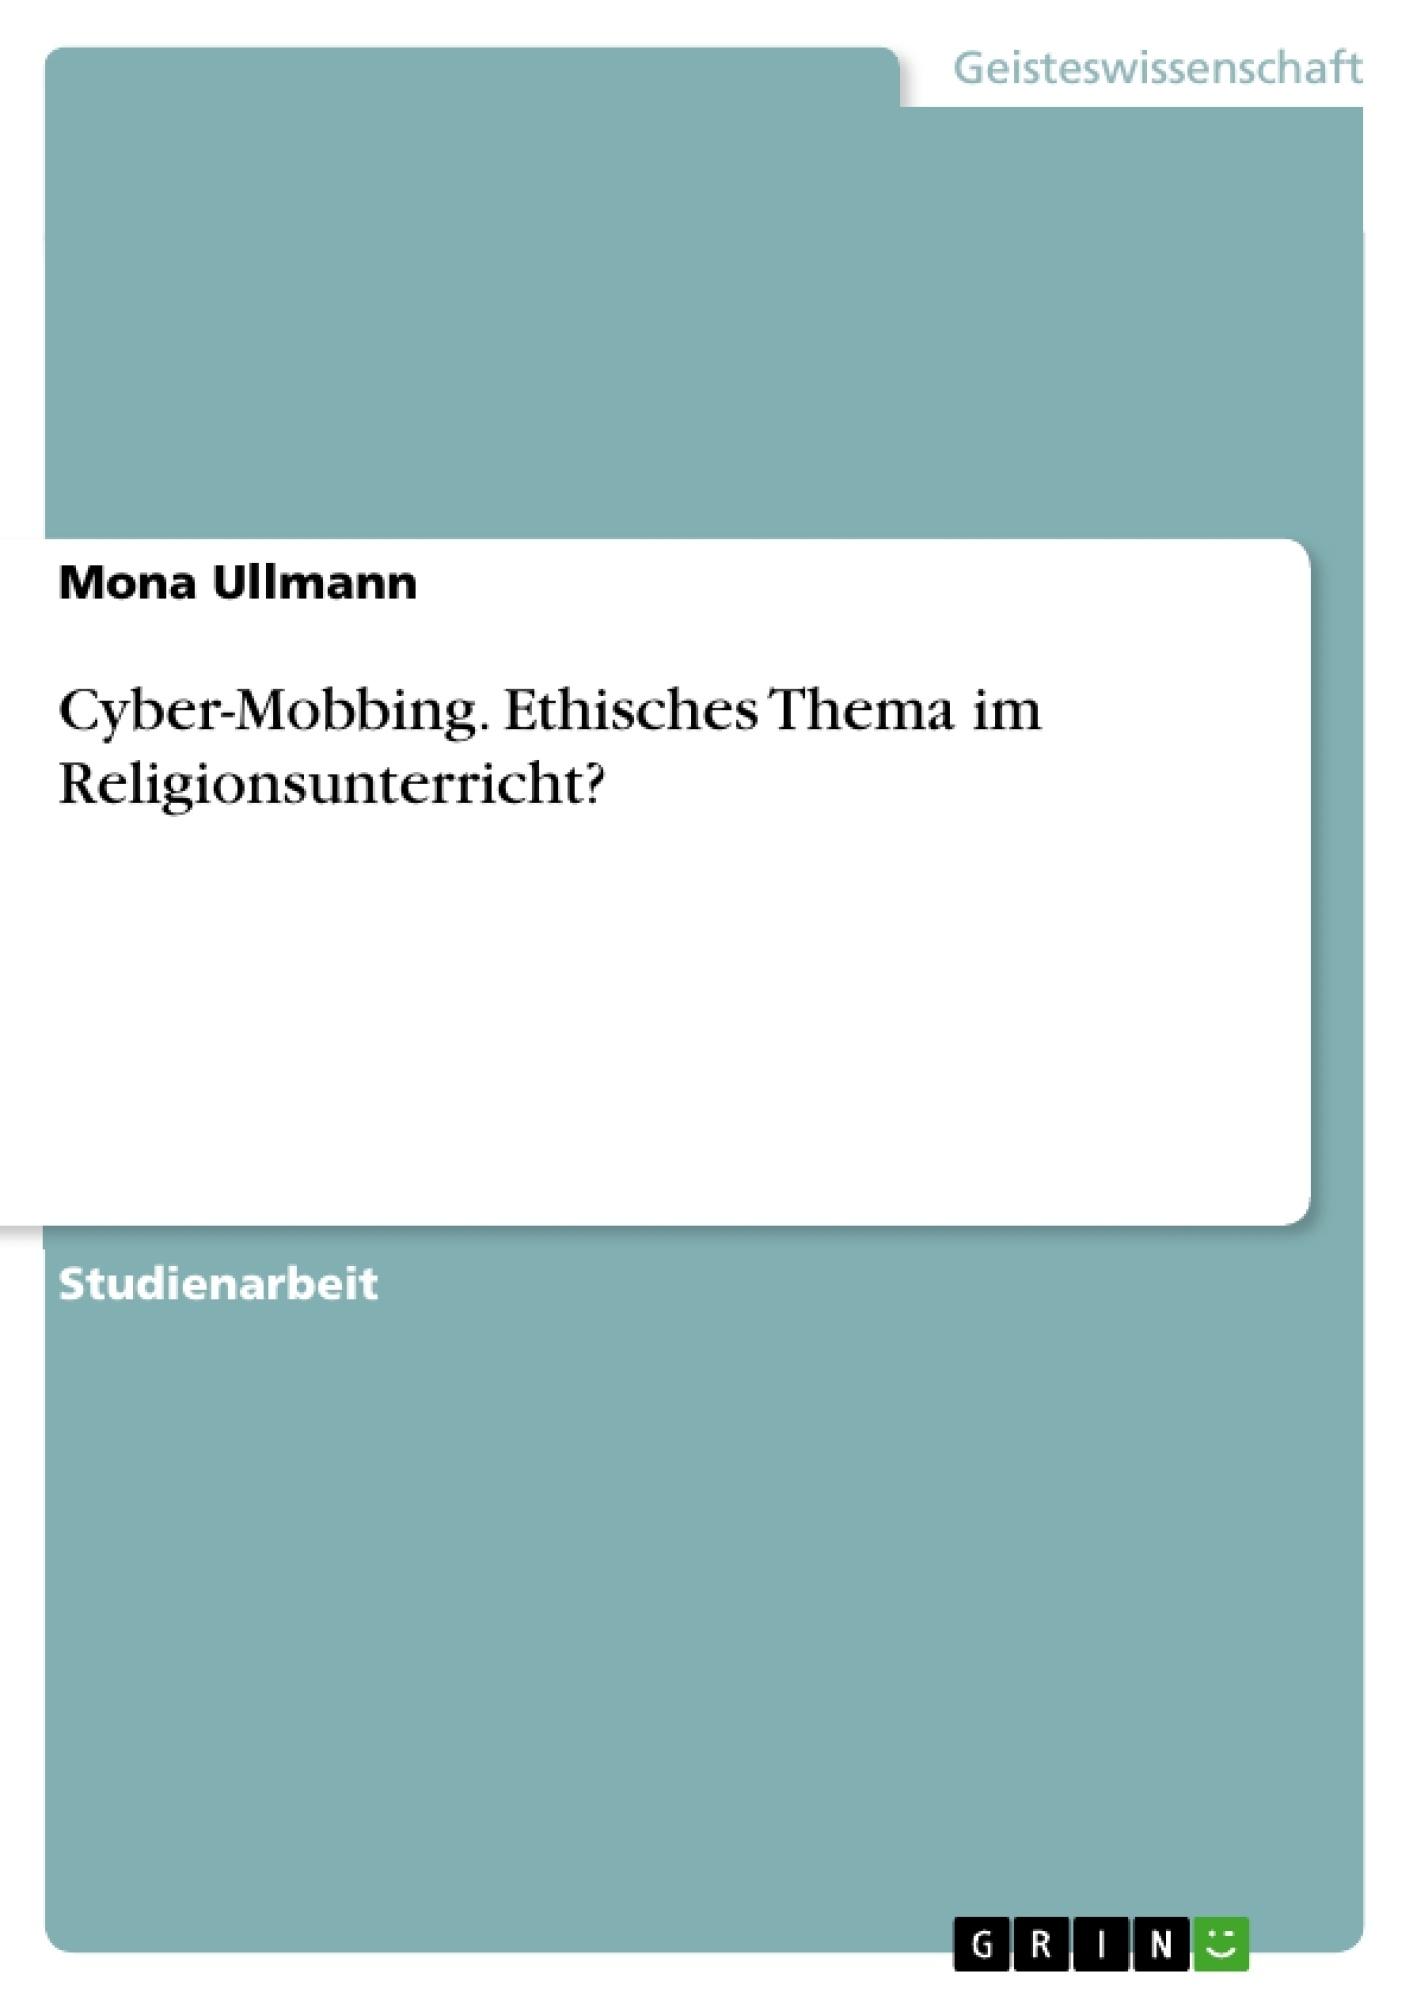 Titel: Cyber-Mobbing. Ethisches Thema im Religionsunterricht?